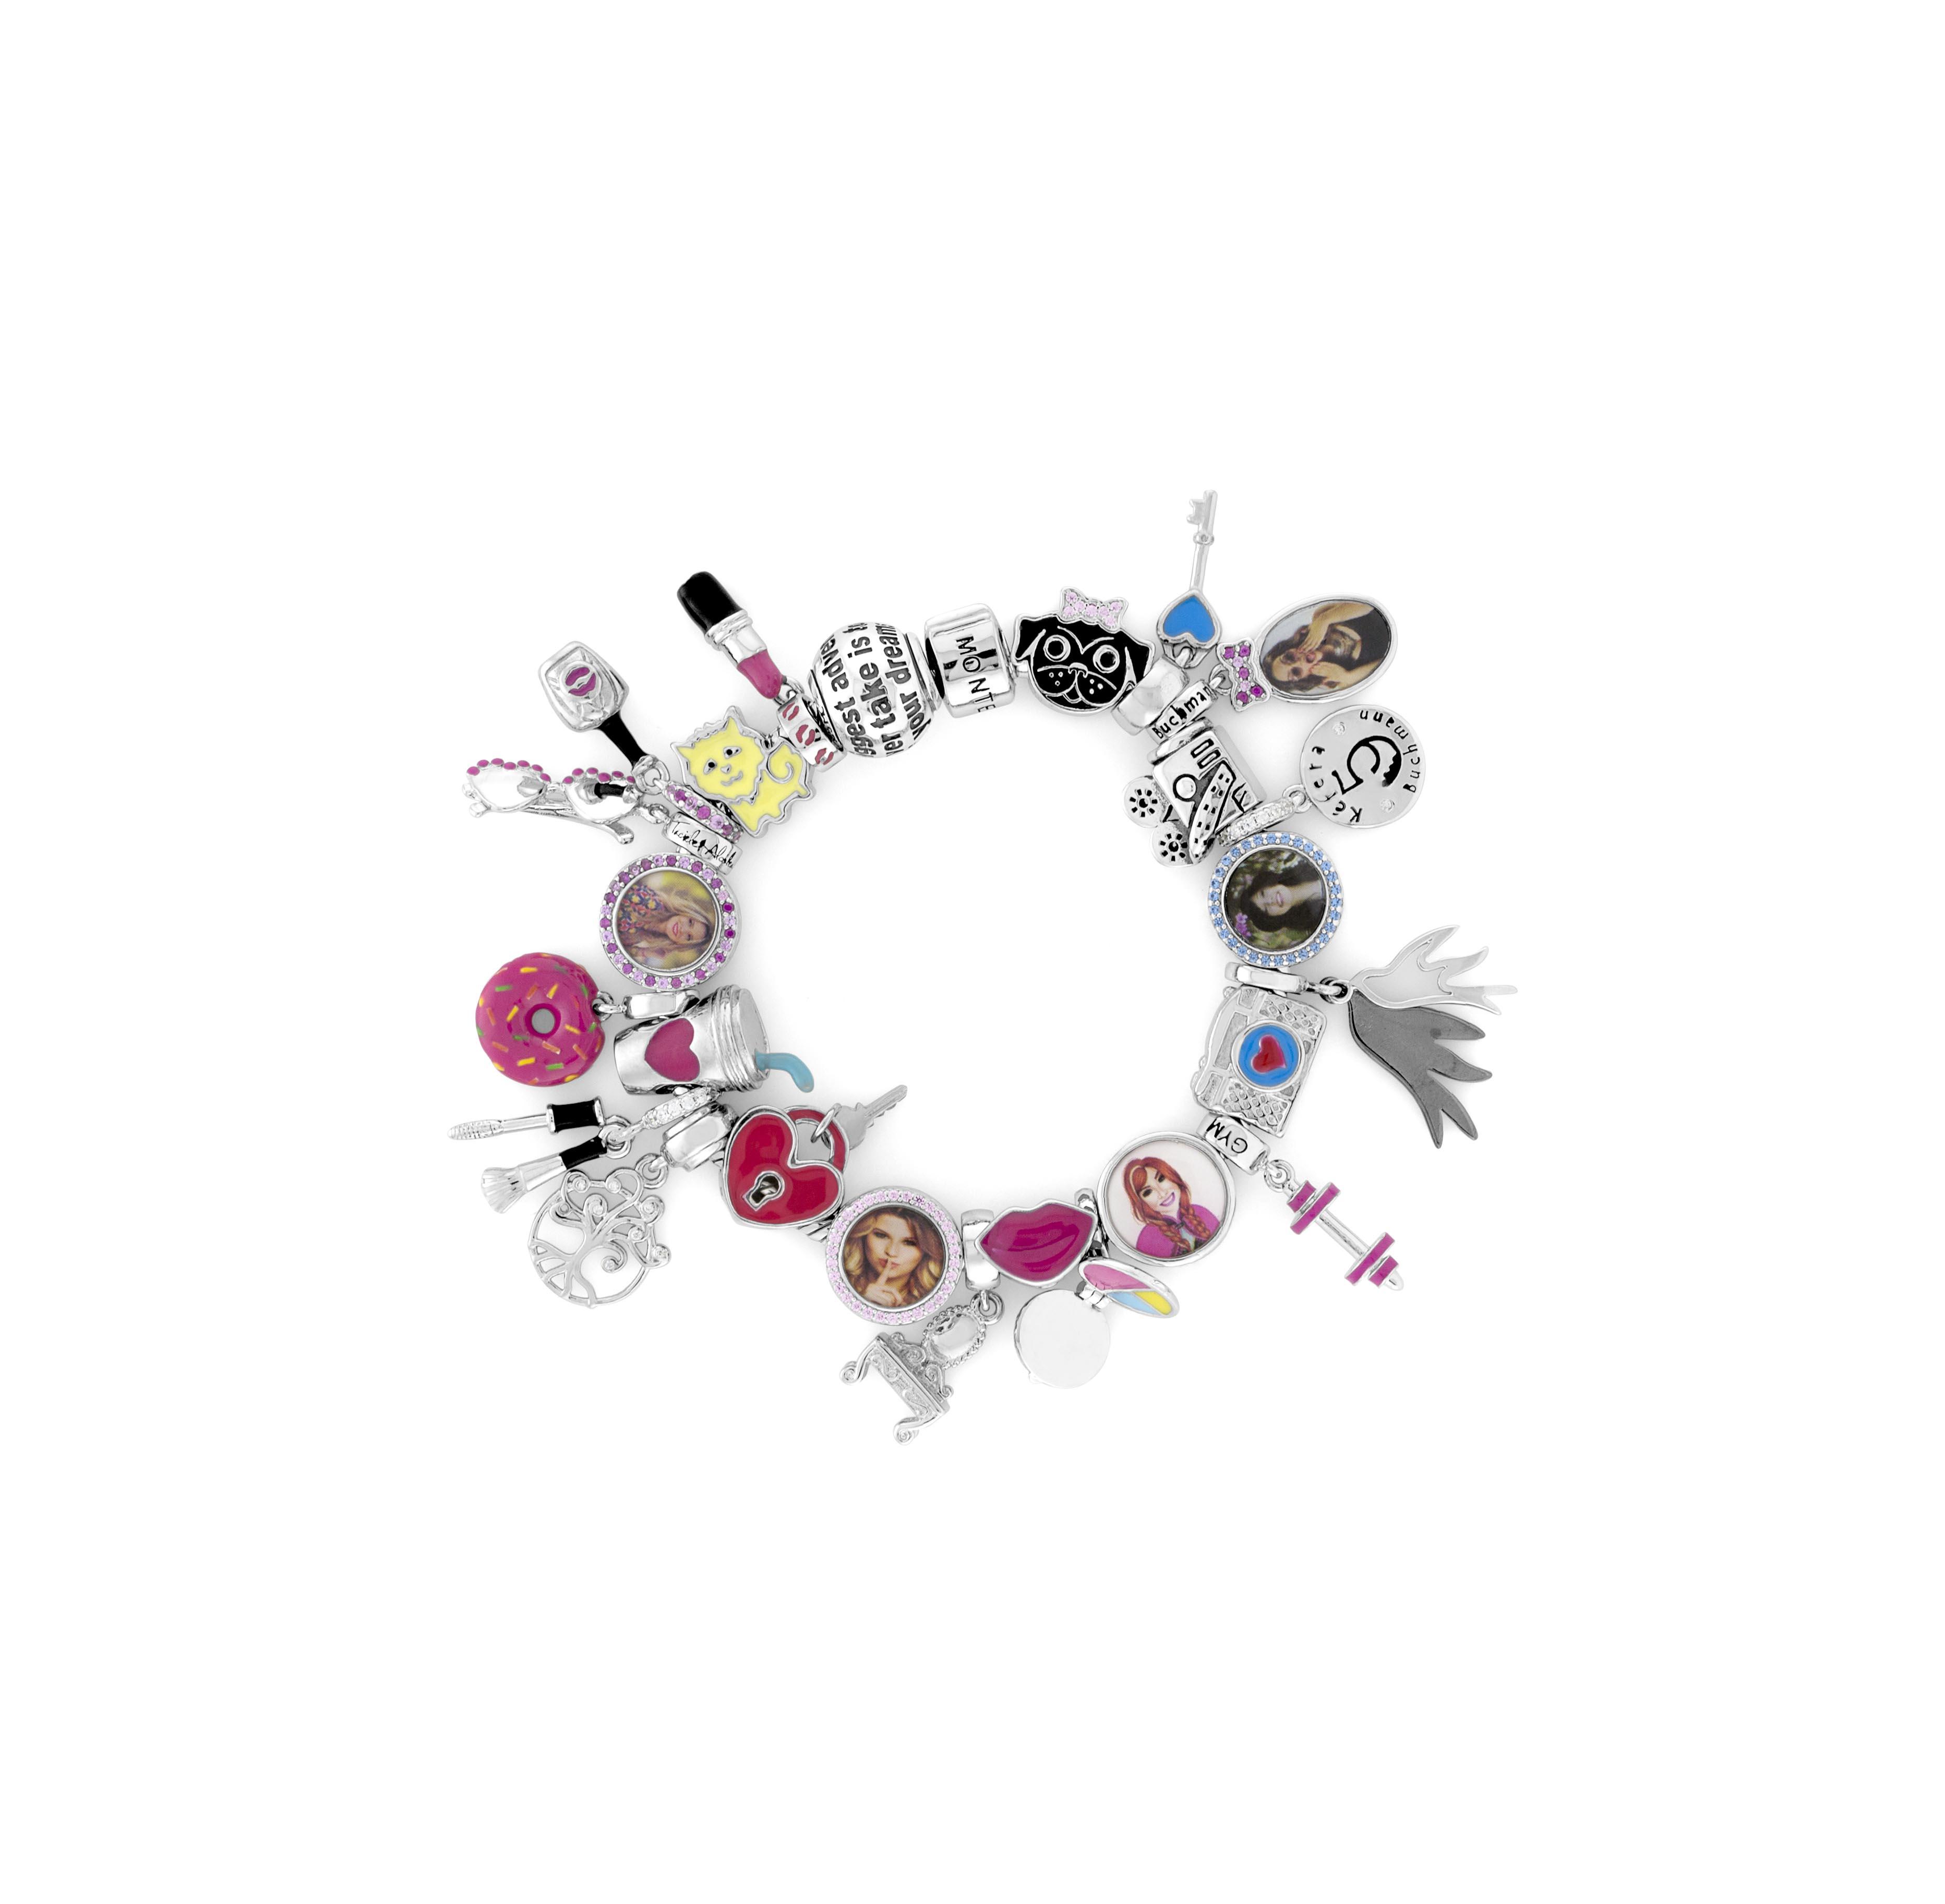 Agora você pode ter uma pulseira com charms das suas youtubers favoritas!